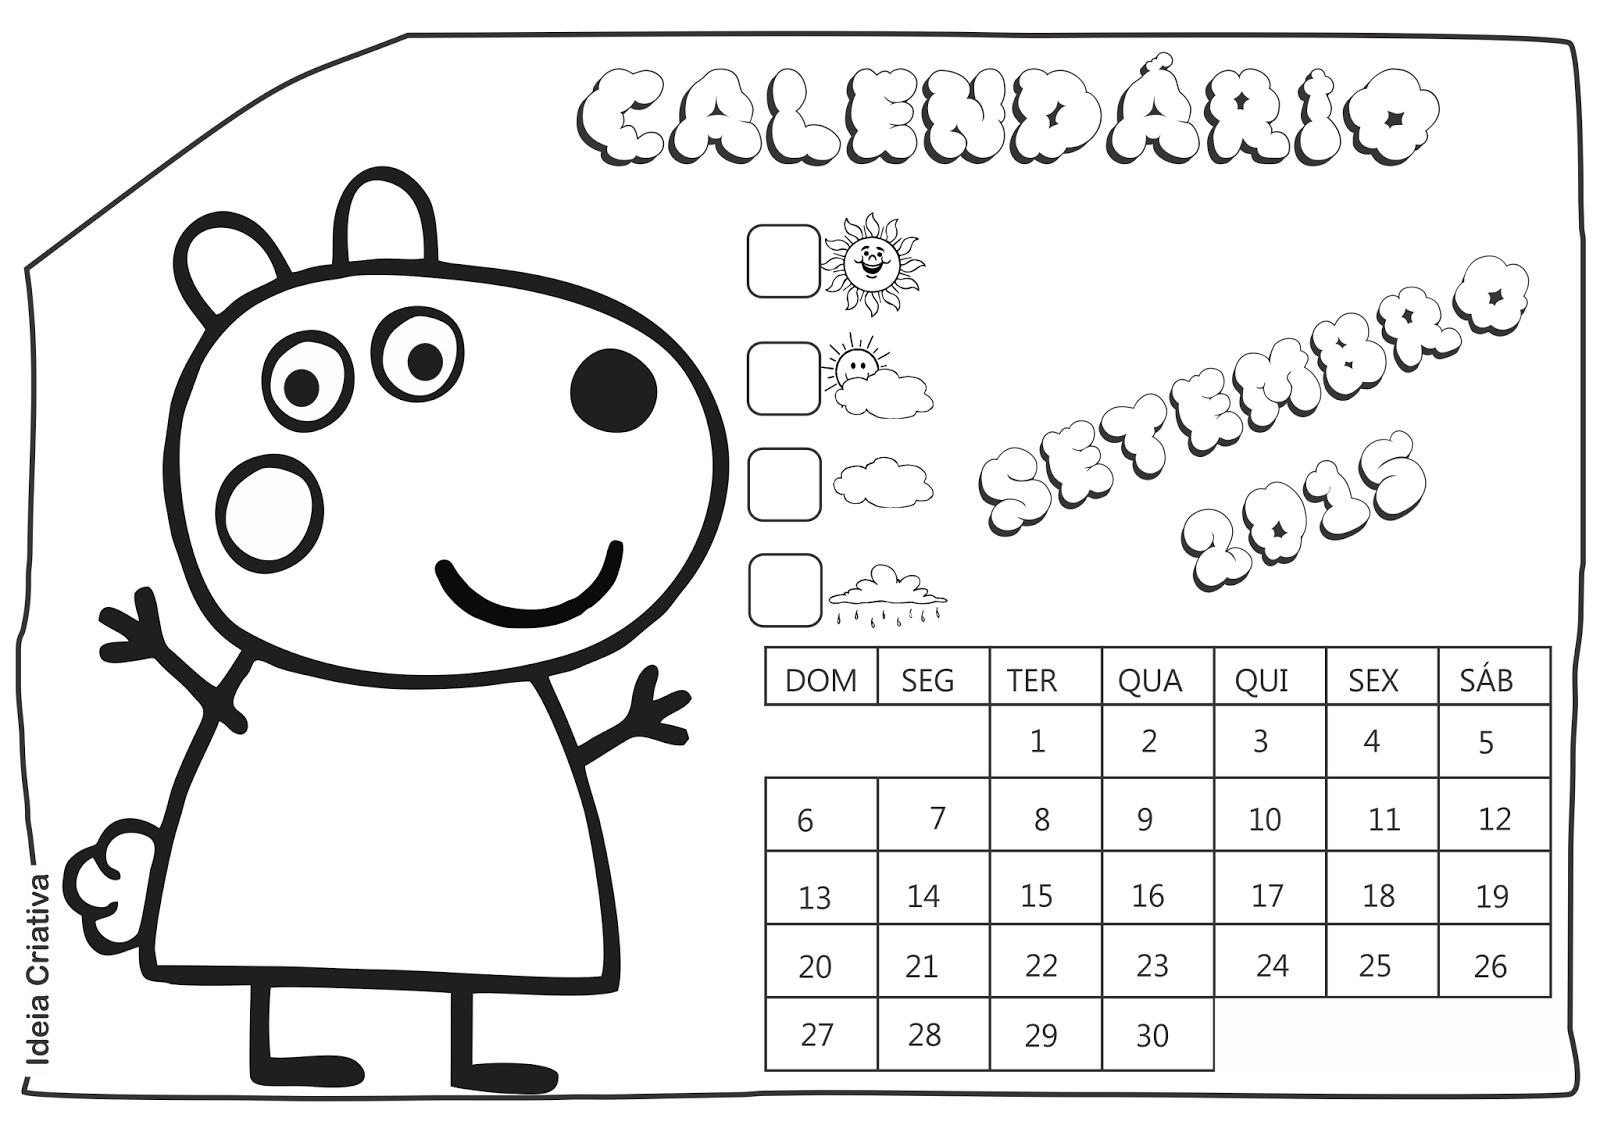 Calendário Setembro 2015 Peppa Pig e Seus Amigos para Imprimir Grátis